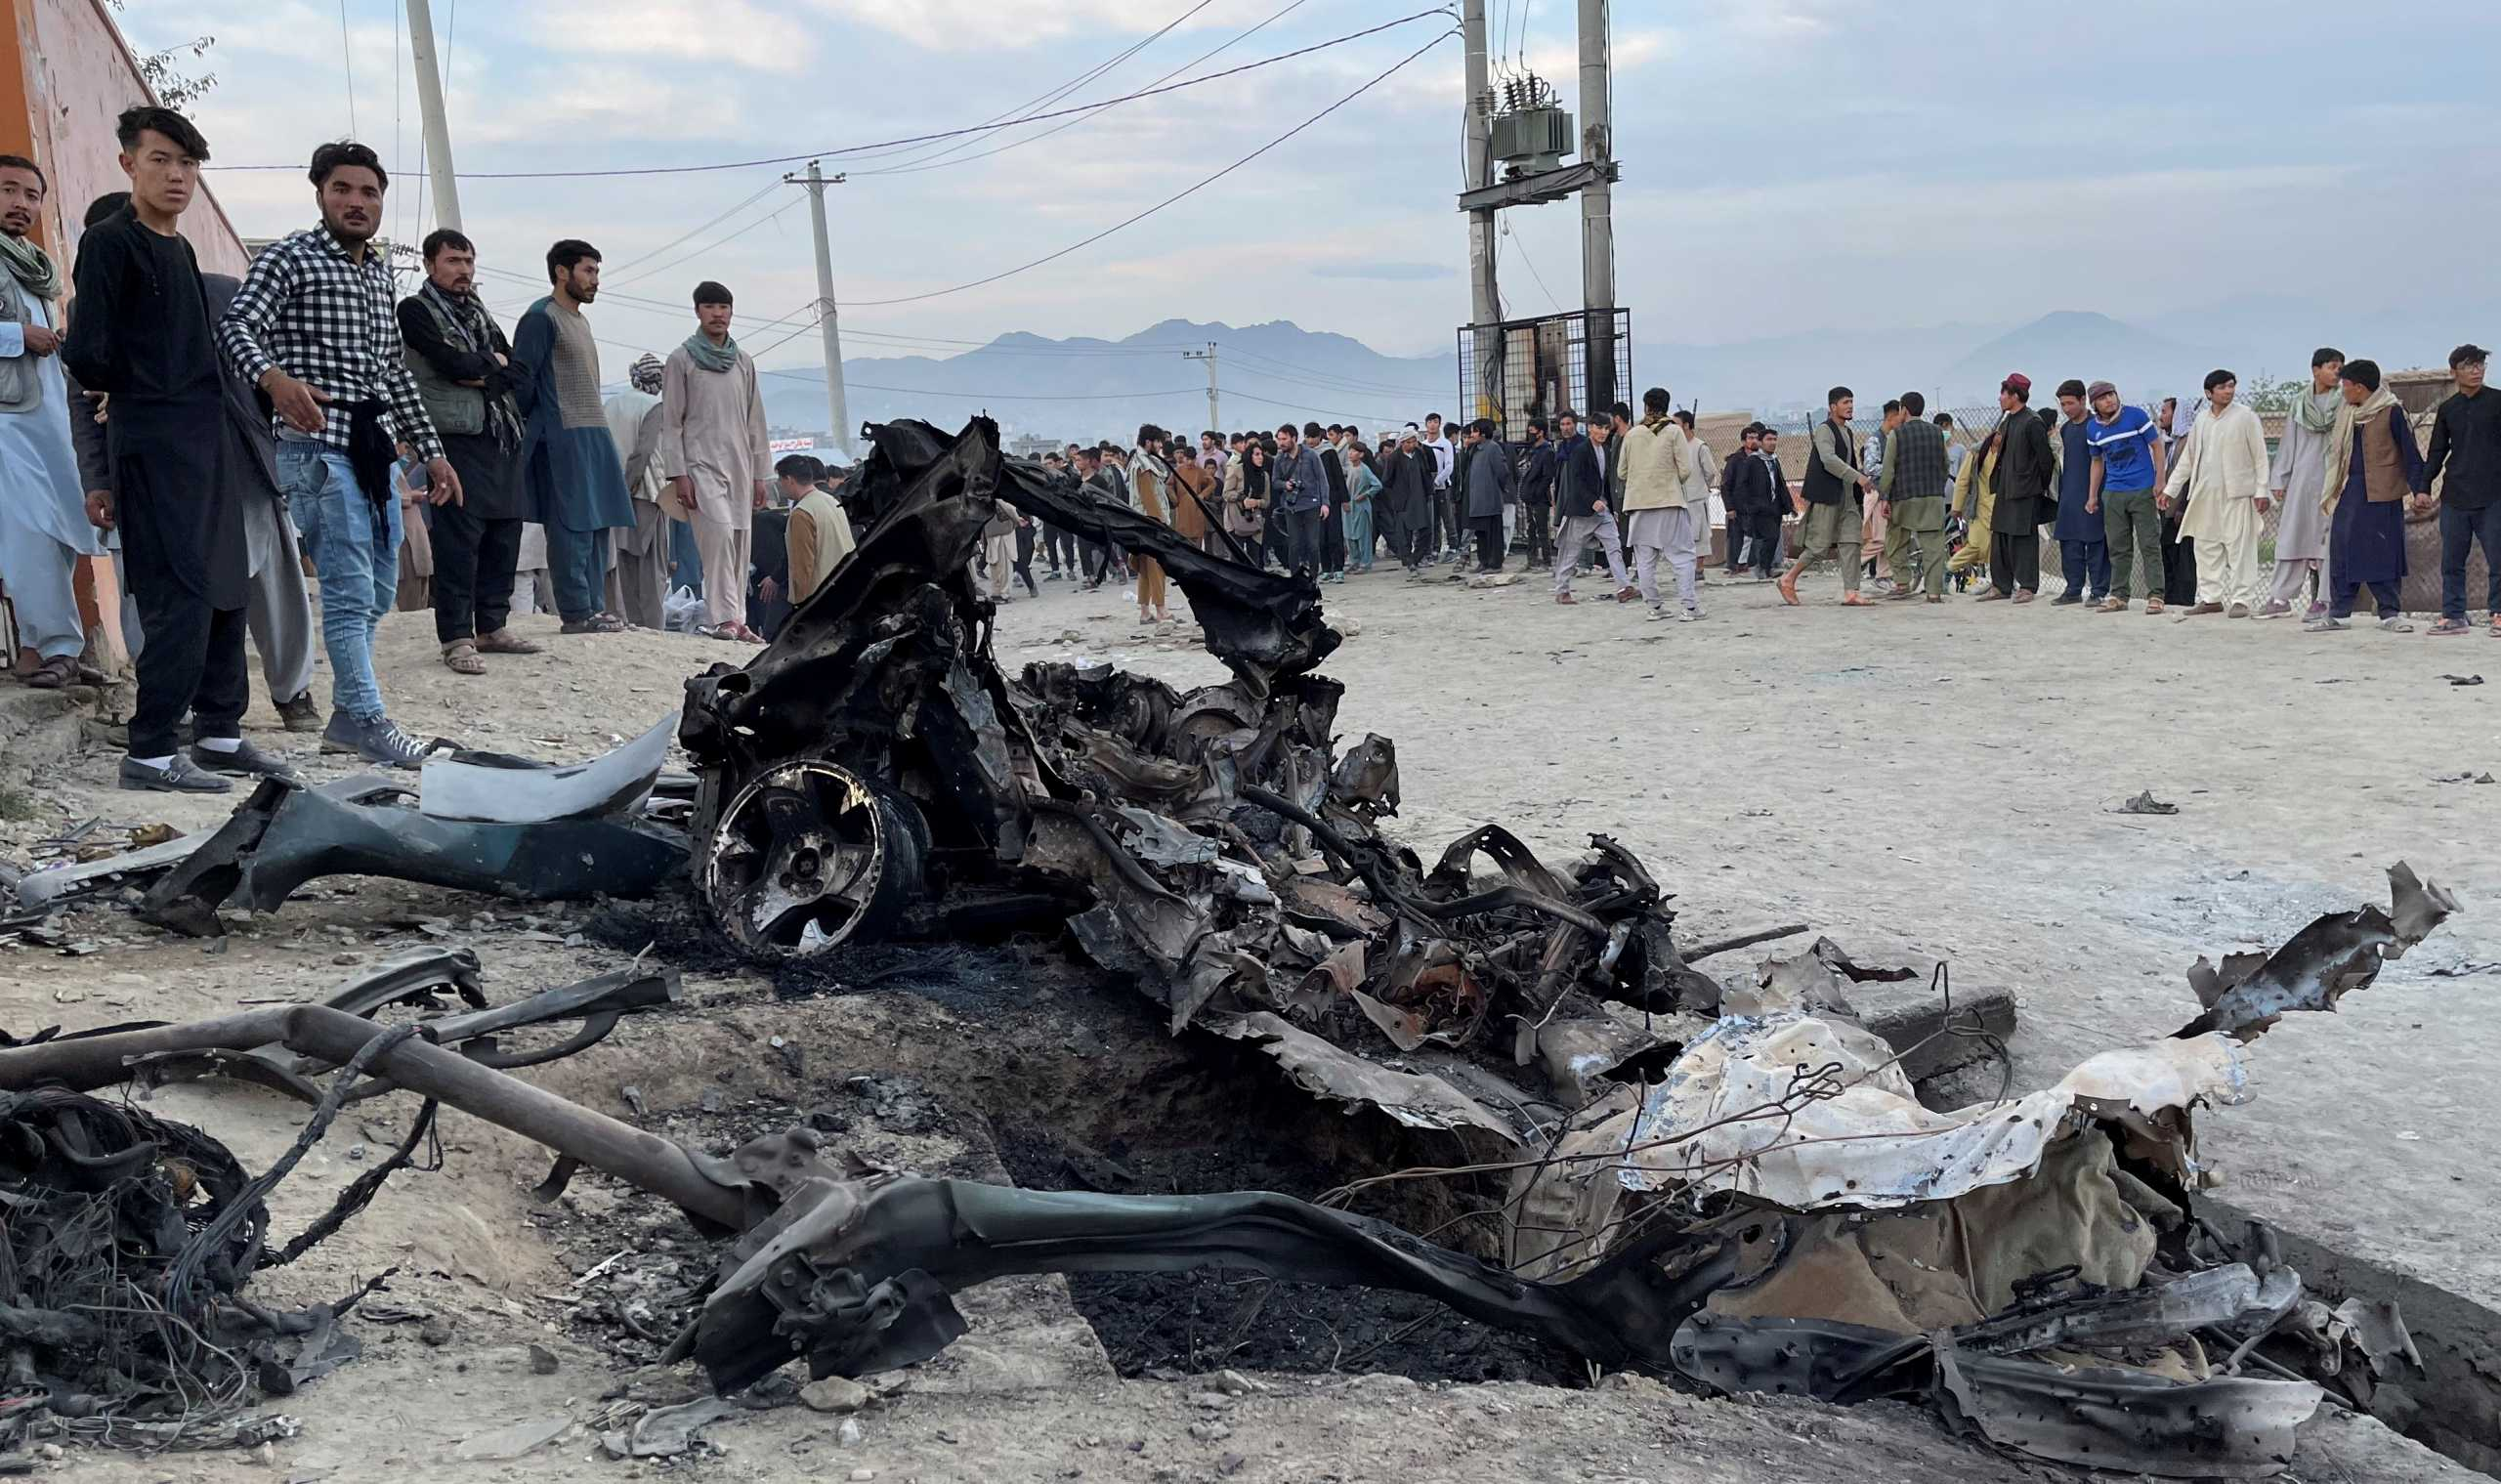 Νέο μακελειό στο Αφγανιστάν: 11 νεκροί από έκρηξη βόμβας σε λεωφορείο